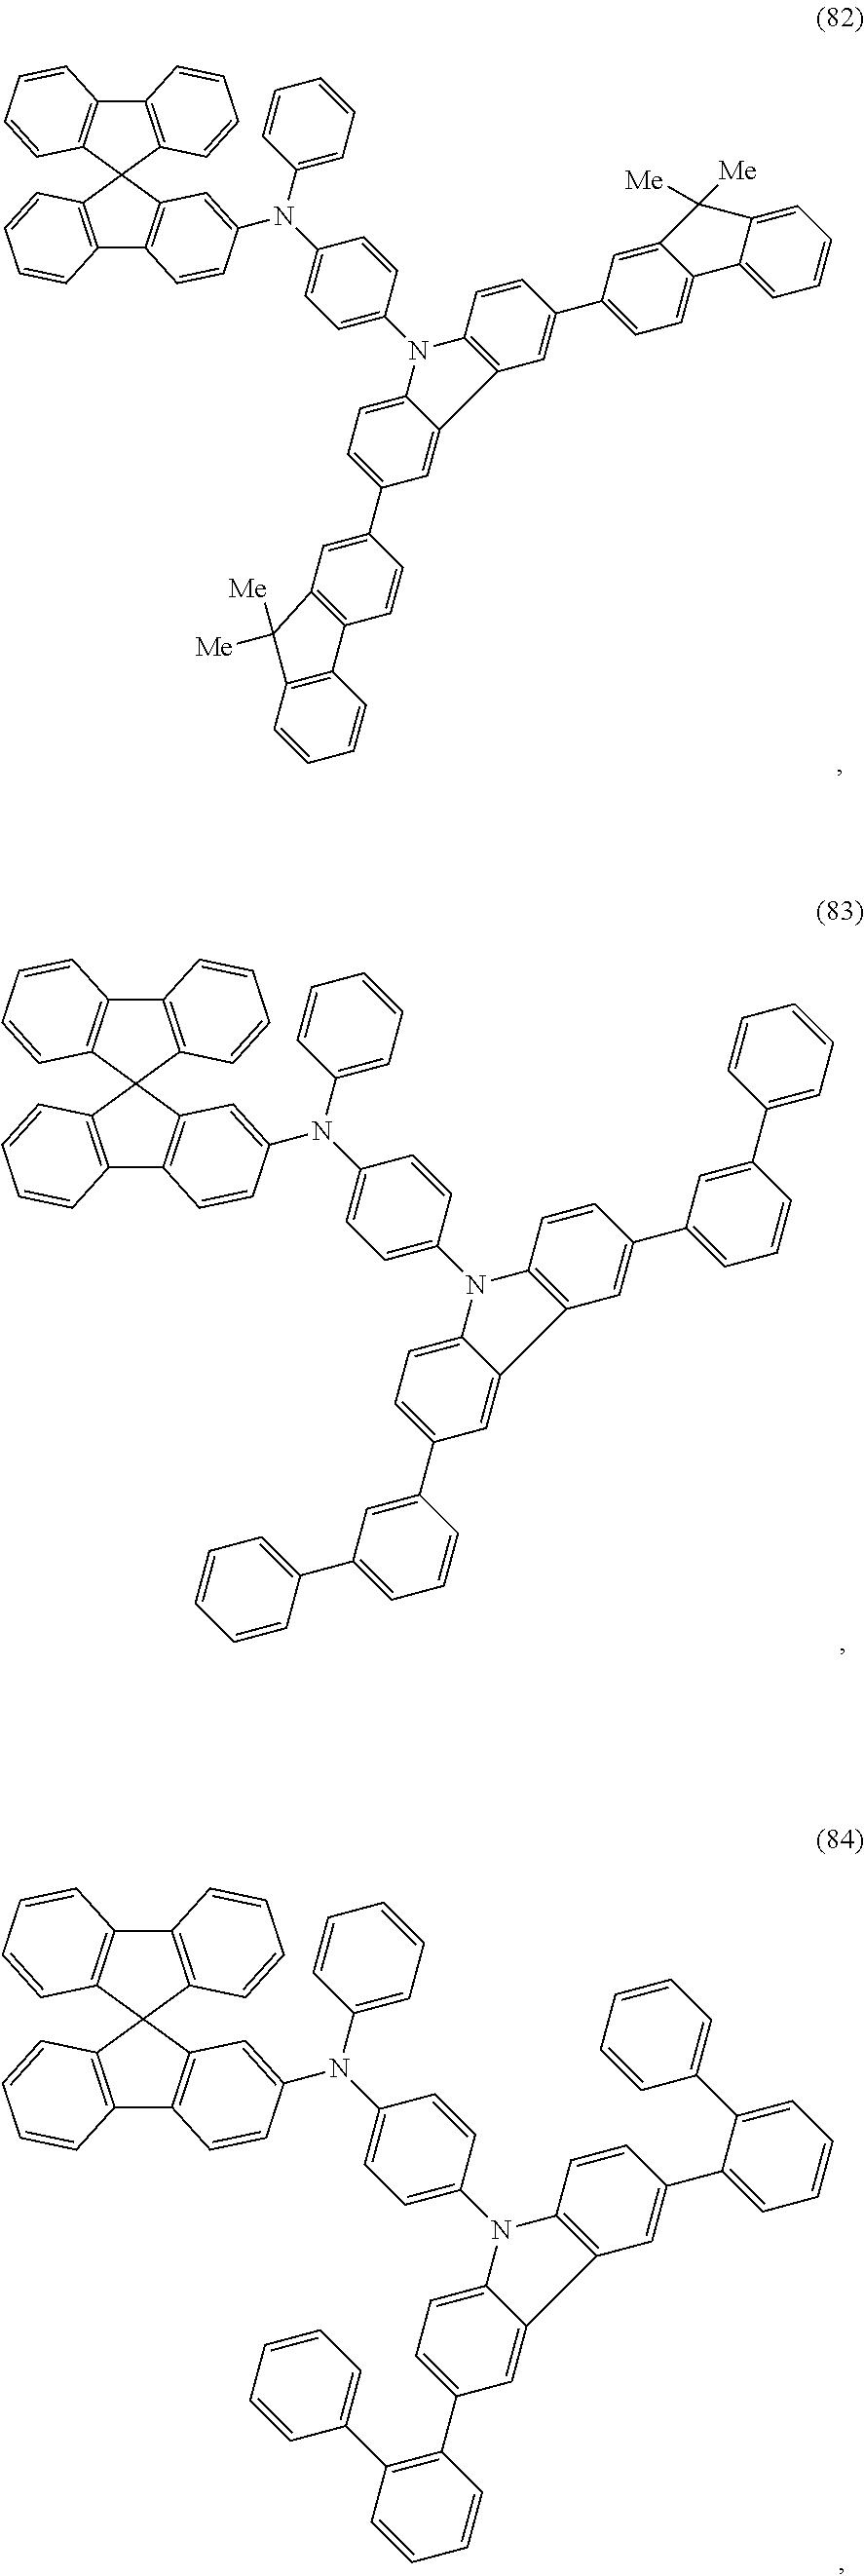 Figure US09548457-20170117-C00065